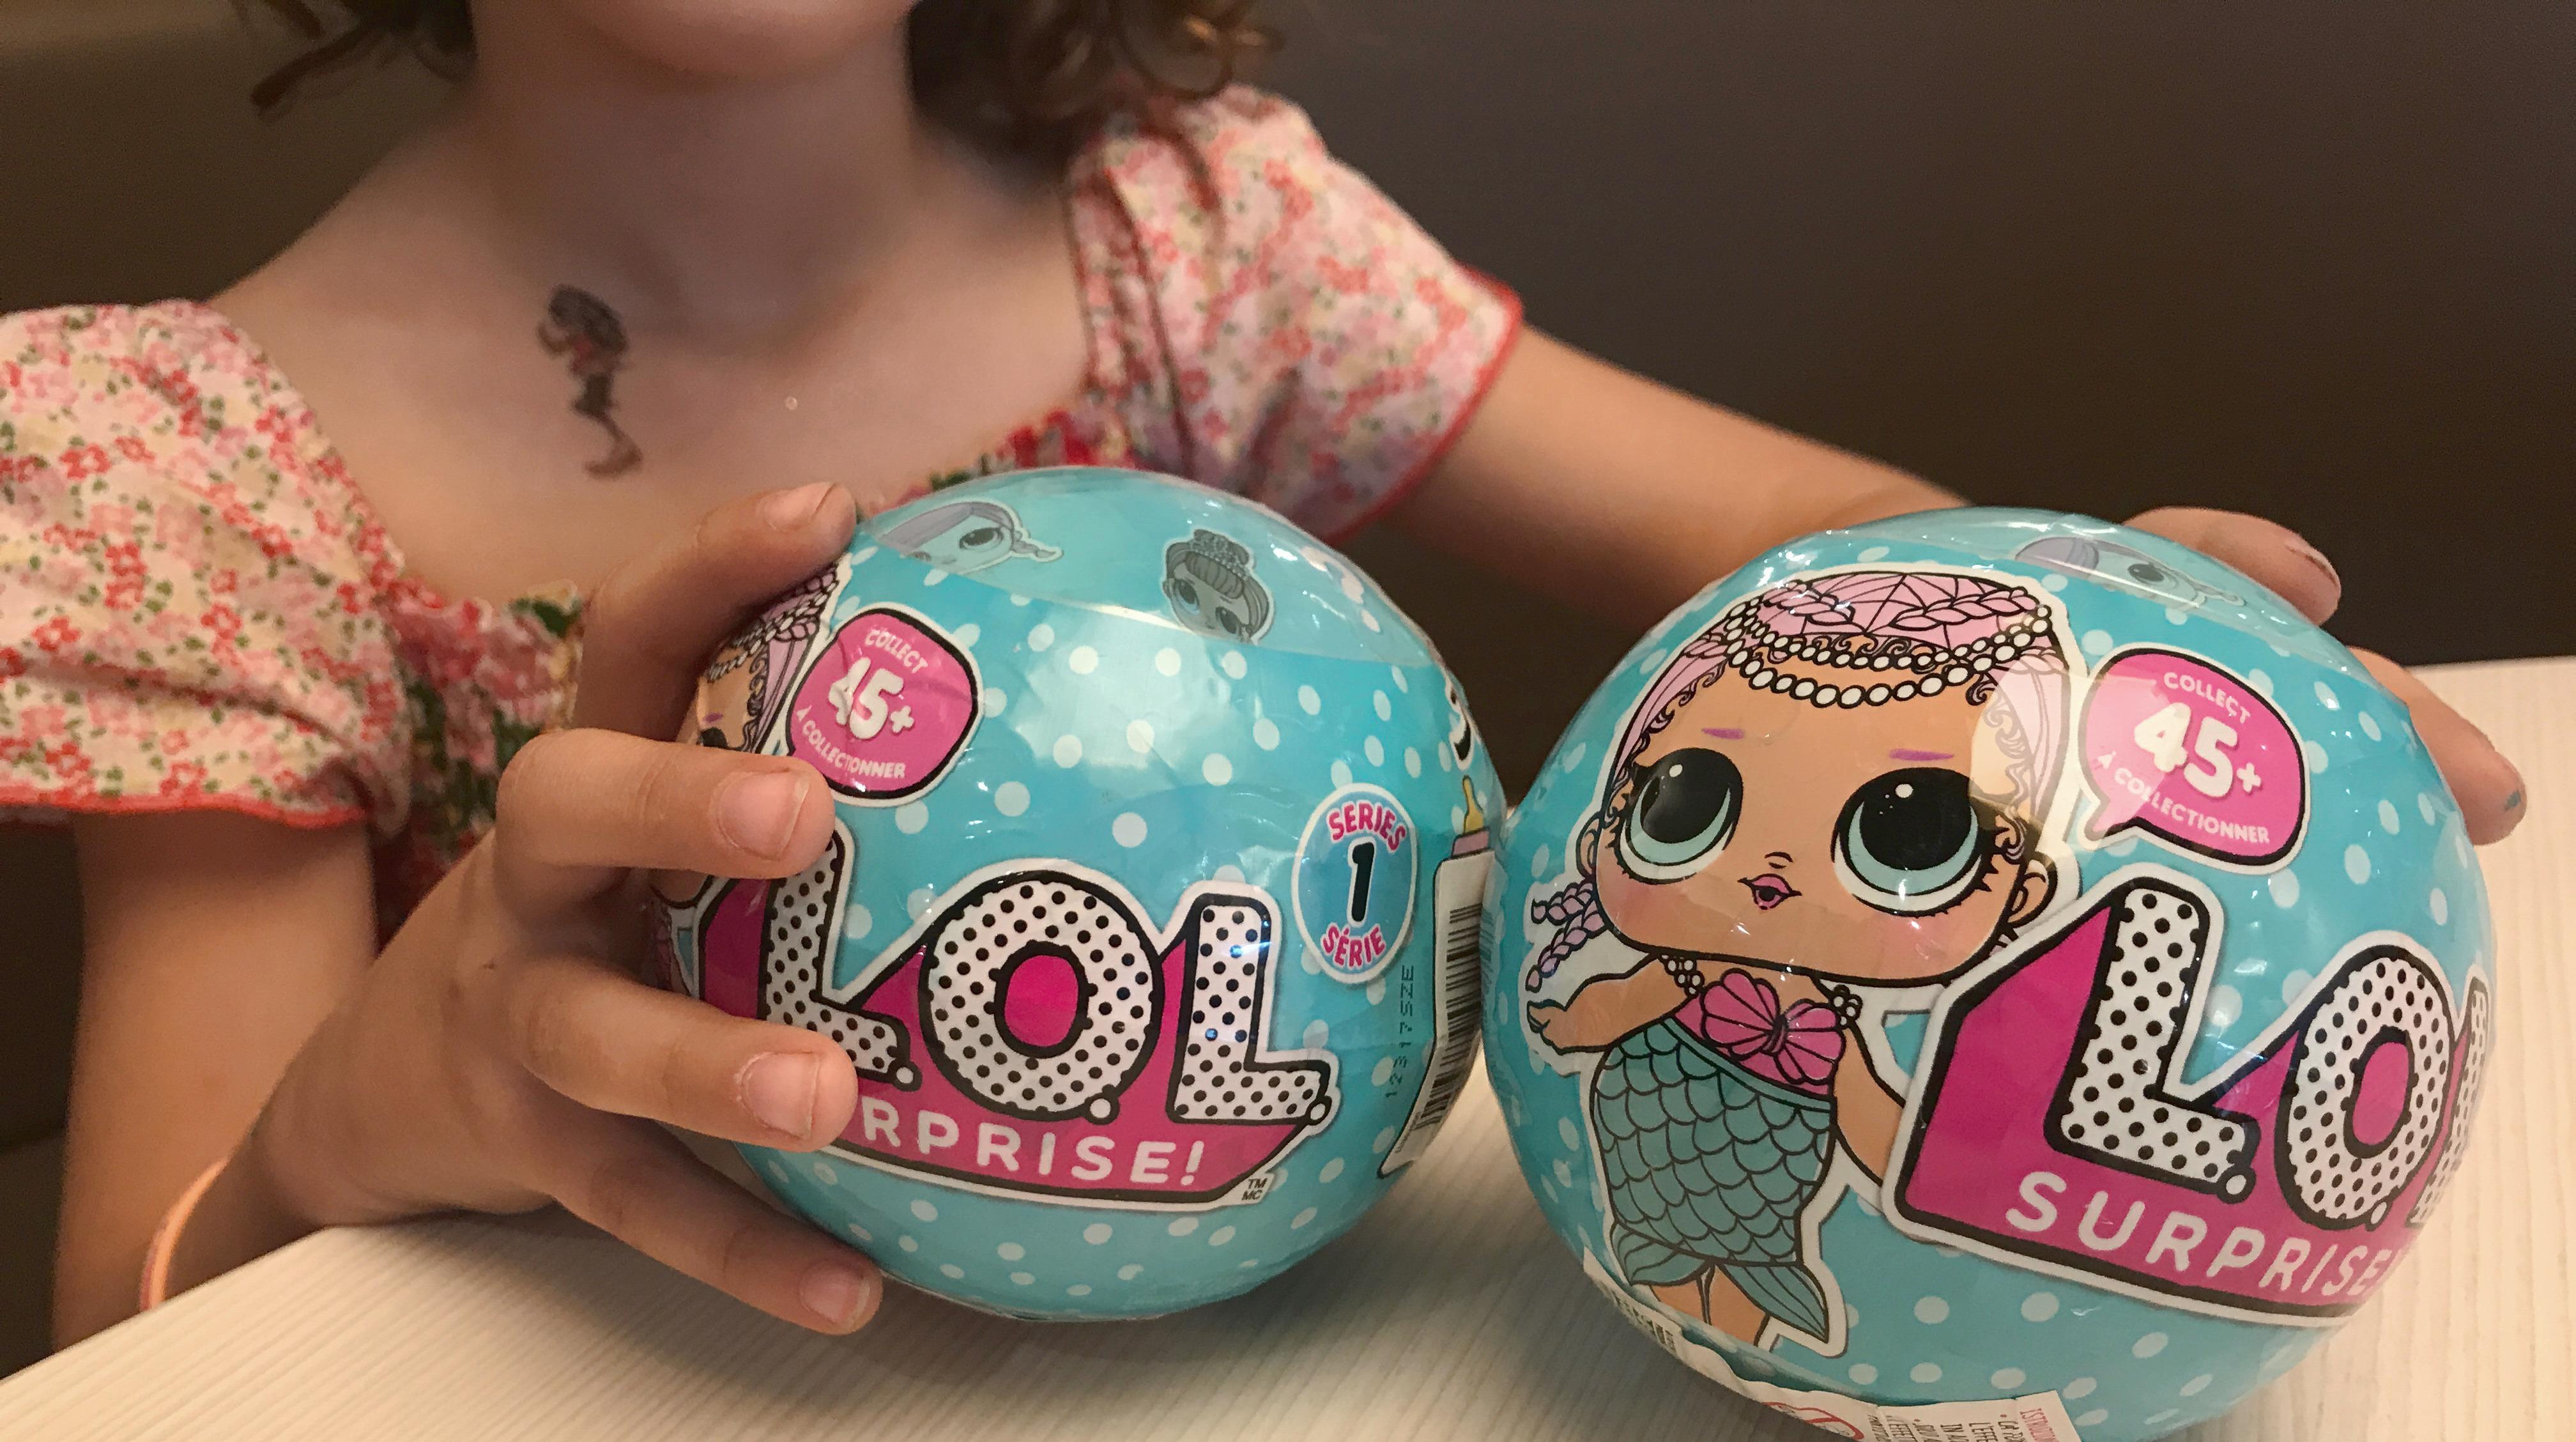 Las muñecas que los 'youtubers' han puesto de moda